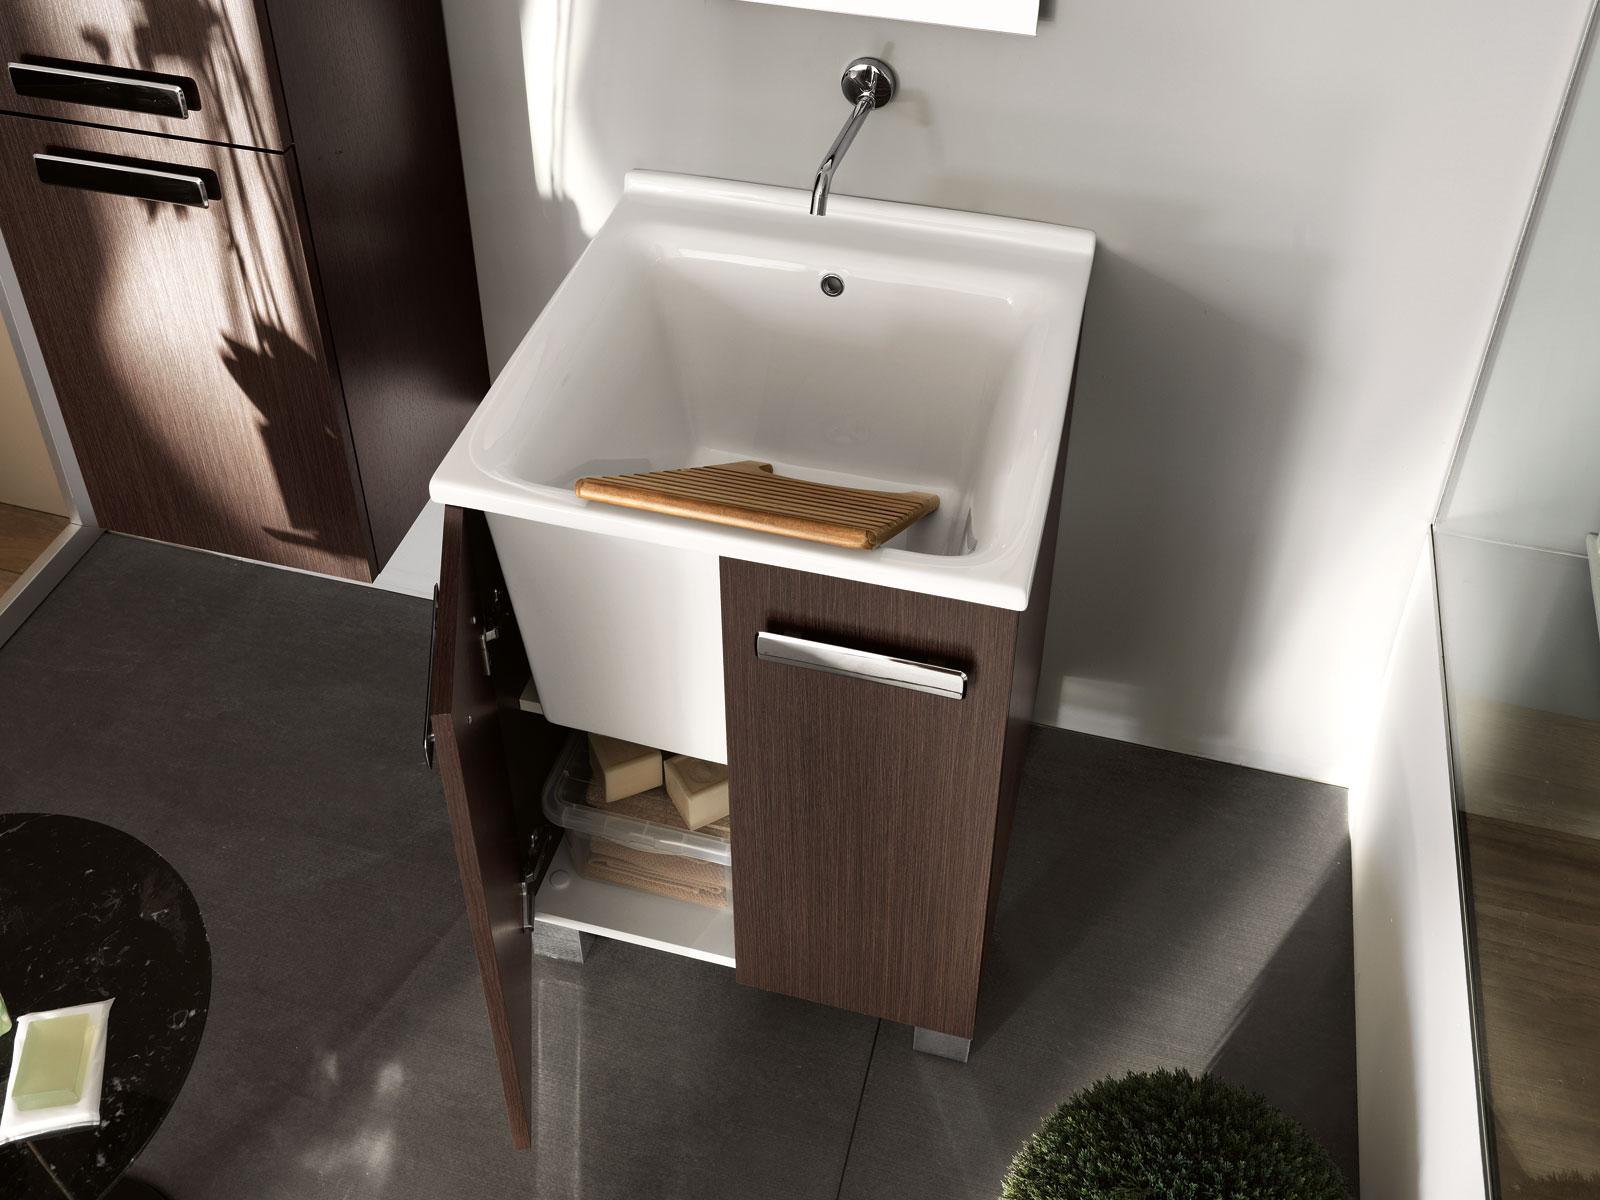 Lavatoio mobile a terra ceramichemichelediprima - Mobile bagno con lavatoio ...